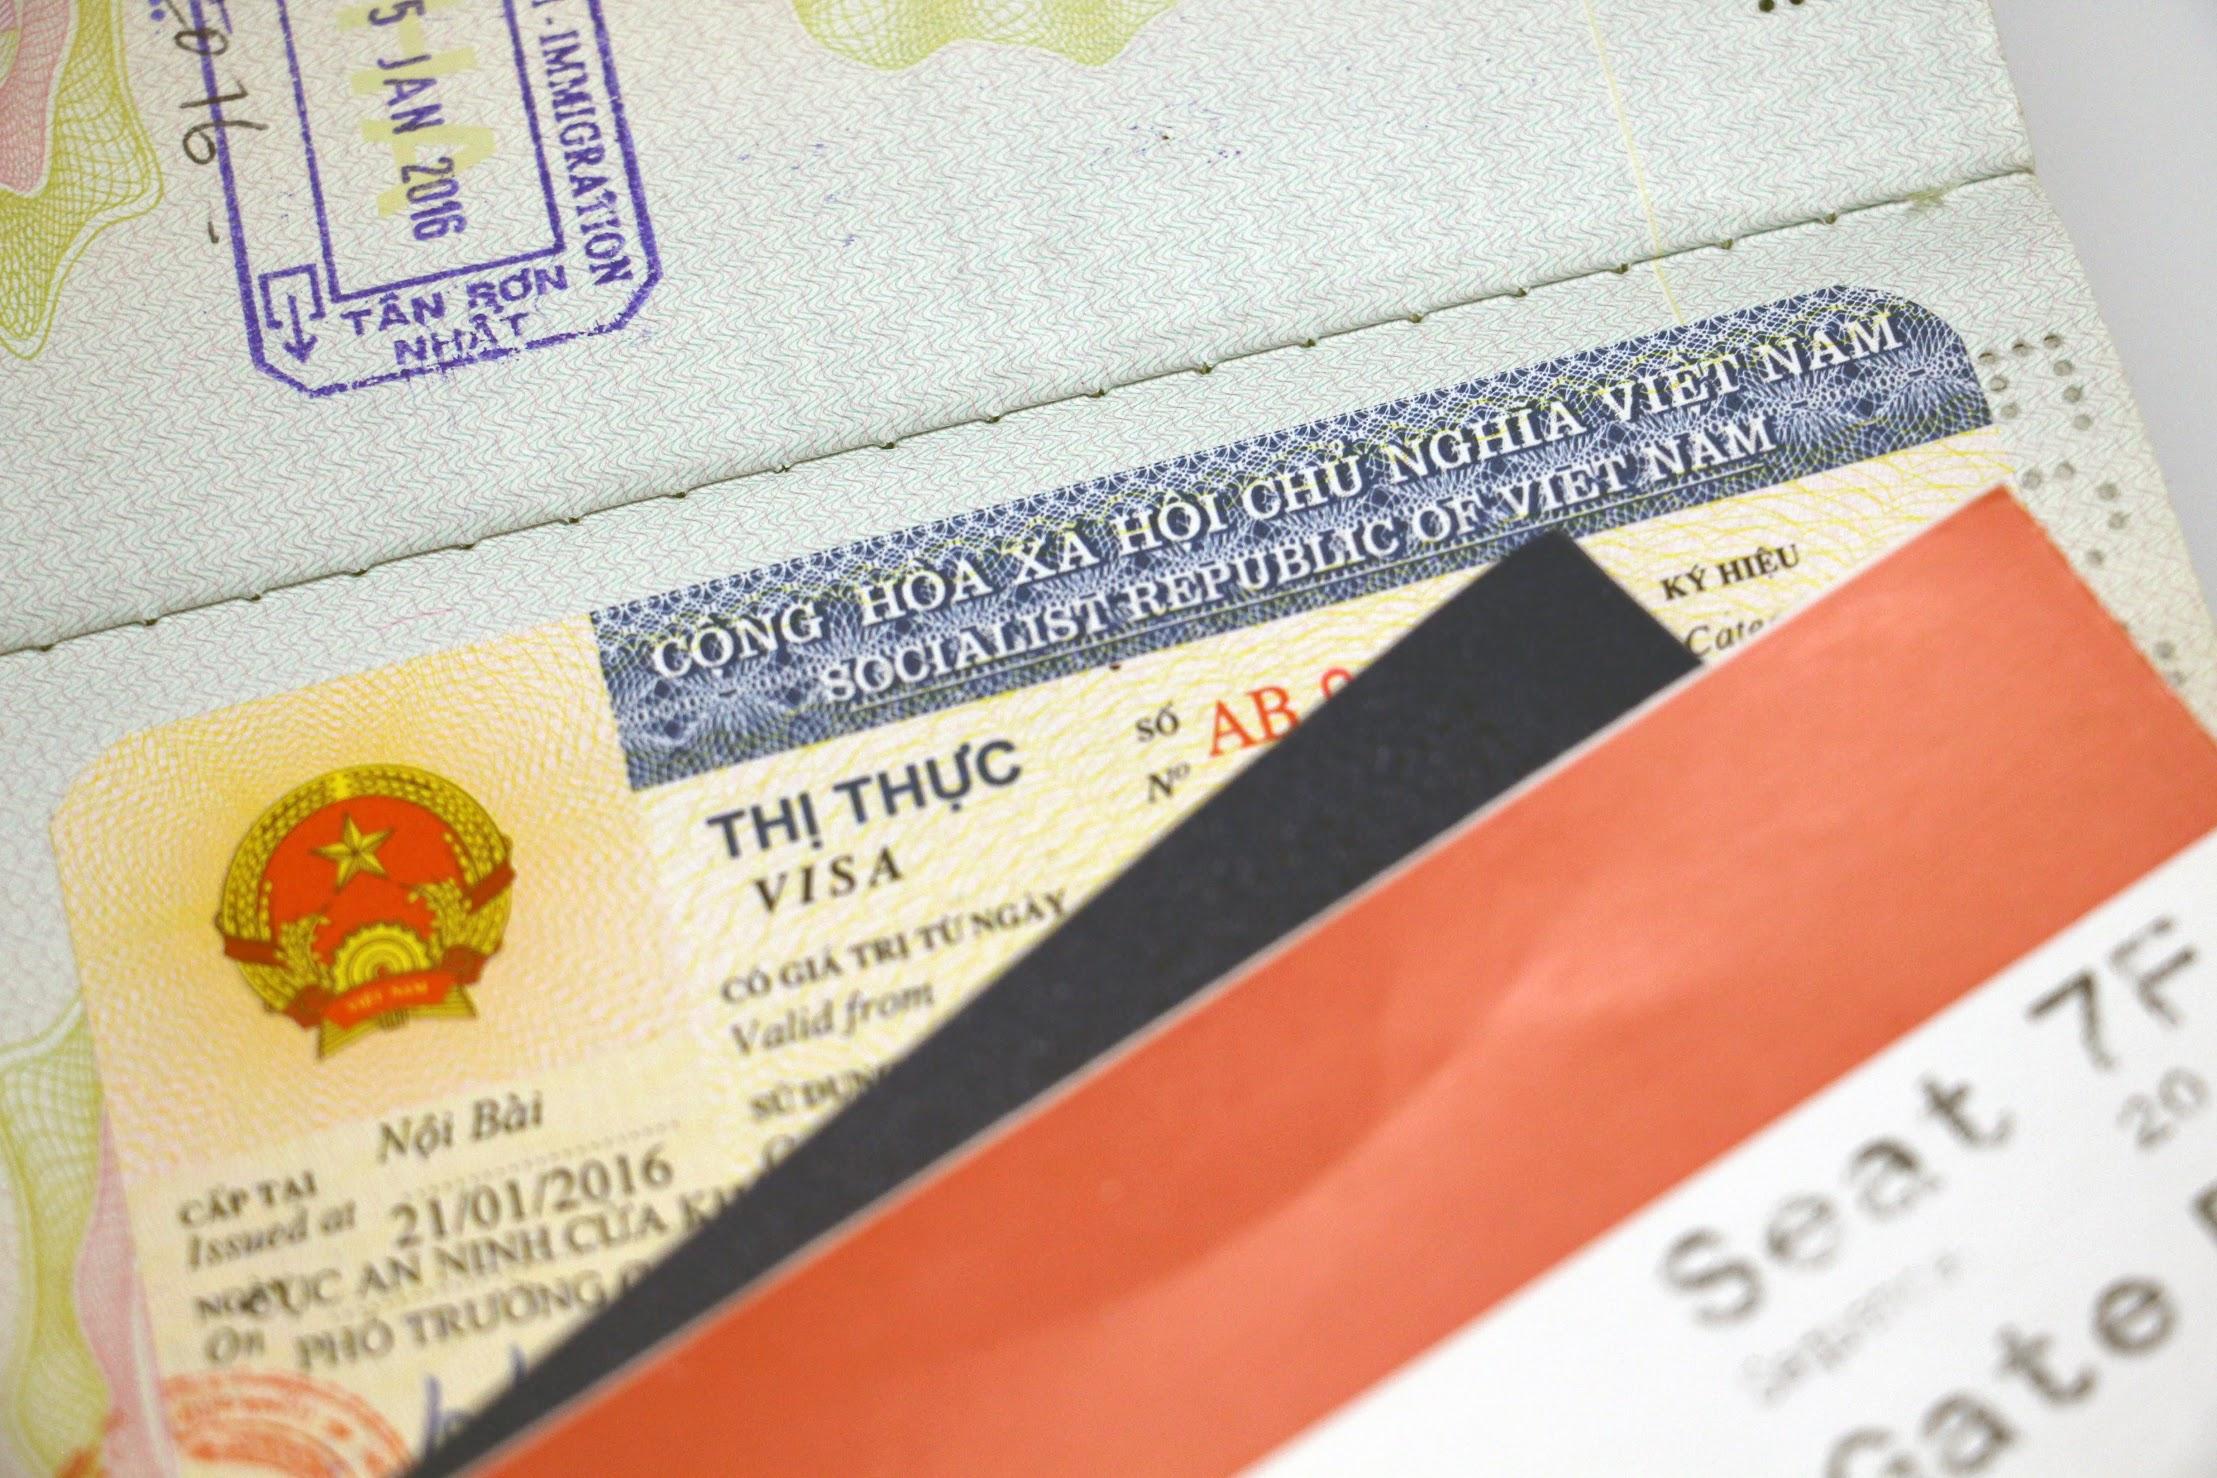 2020越南簽證指南「領事館簽證;落地簽證;電子簽證 – 常見錯誤」